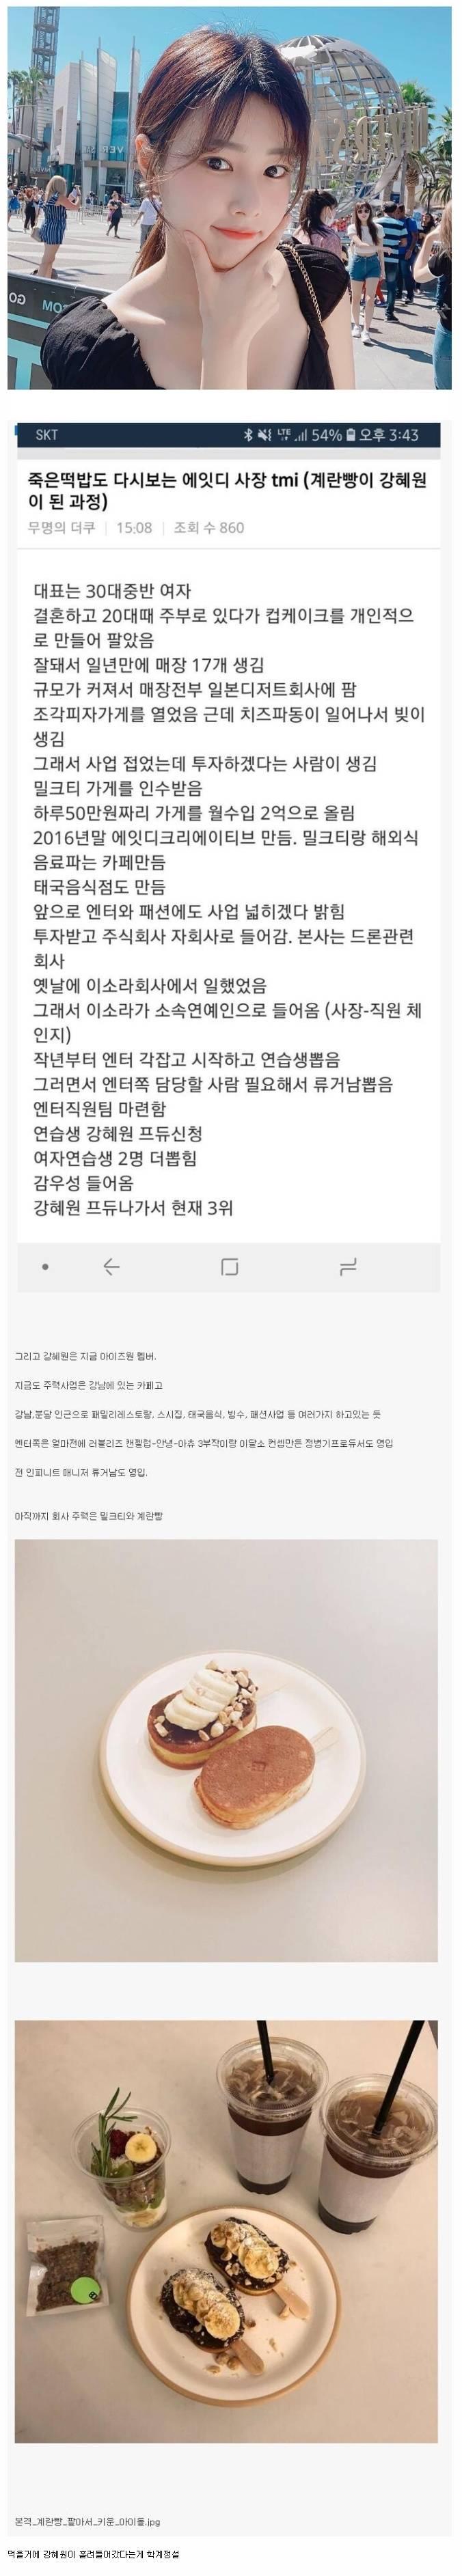 계란빵 팔아서 데뷔시킨 아이돌